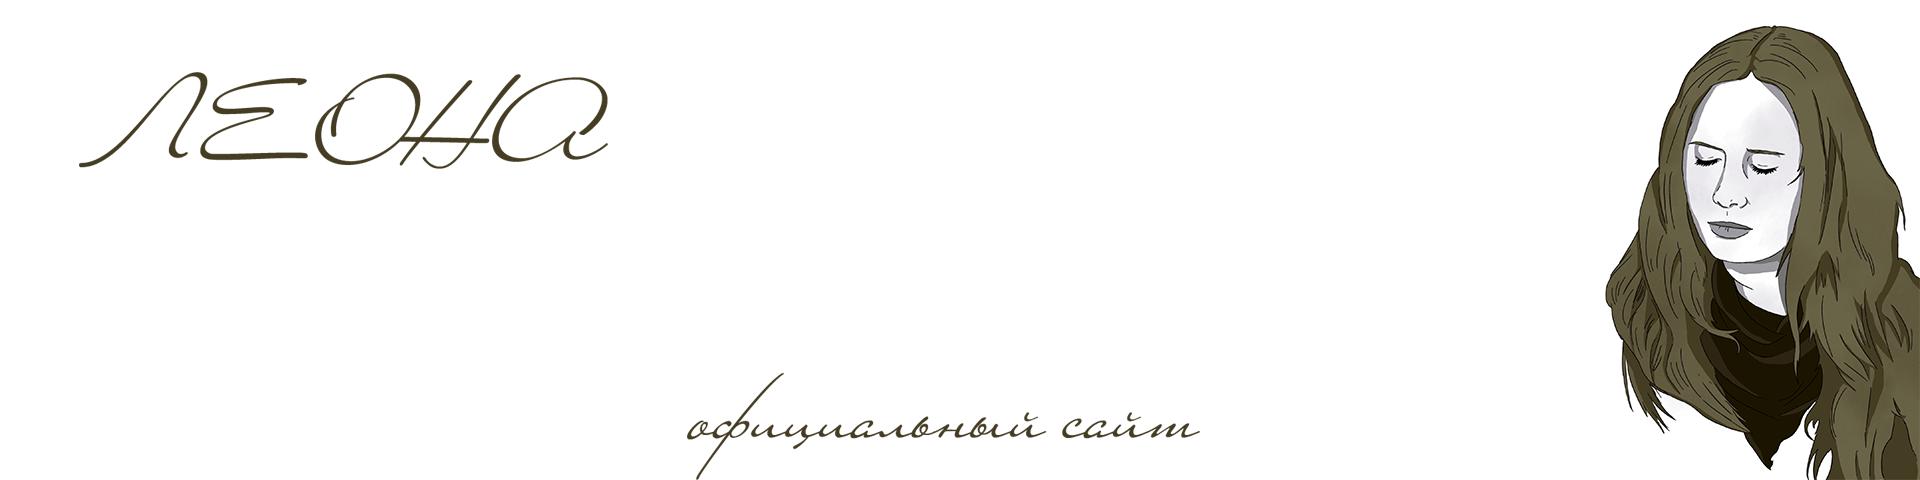 ya-hochu-uzhratsya-v-sraku